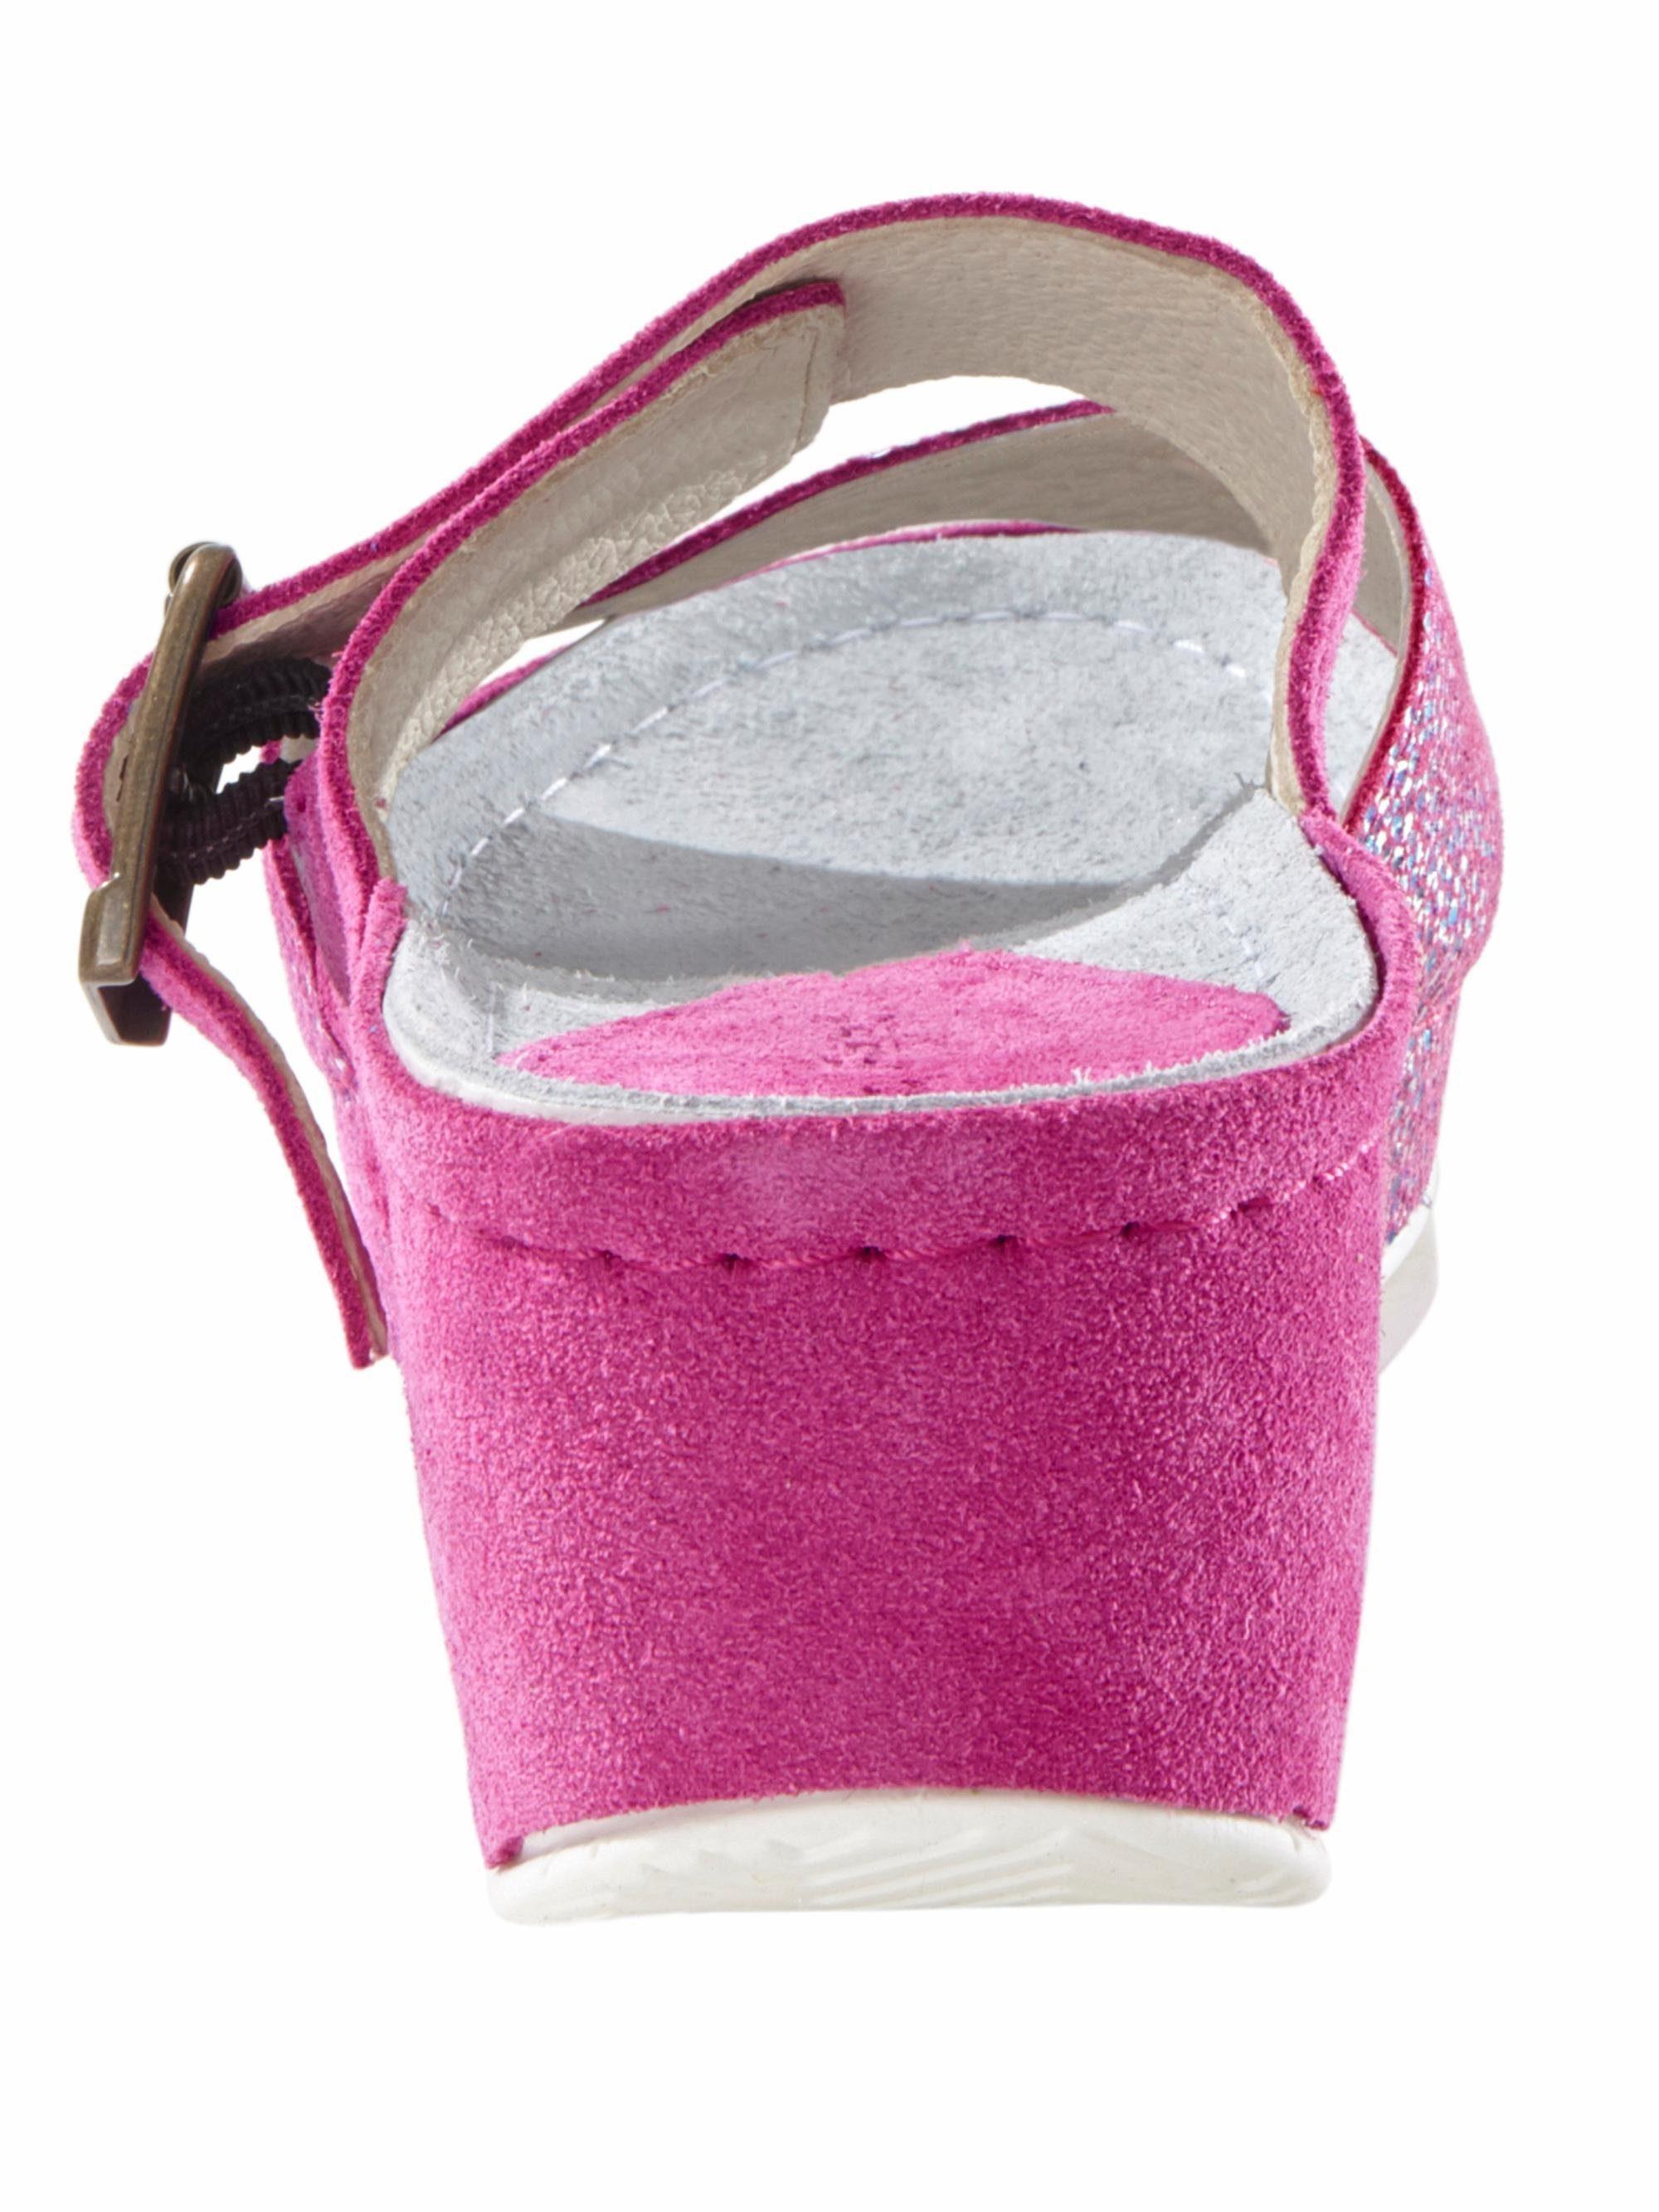 heine home Hausschuhe online kaufen  pink